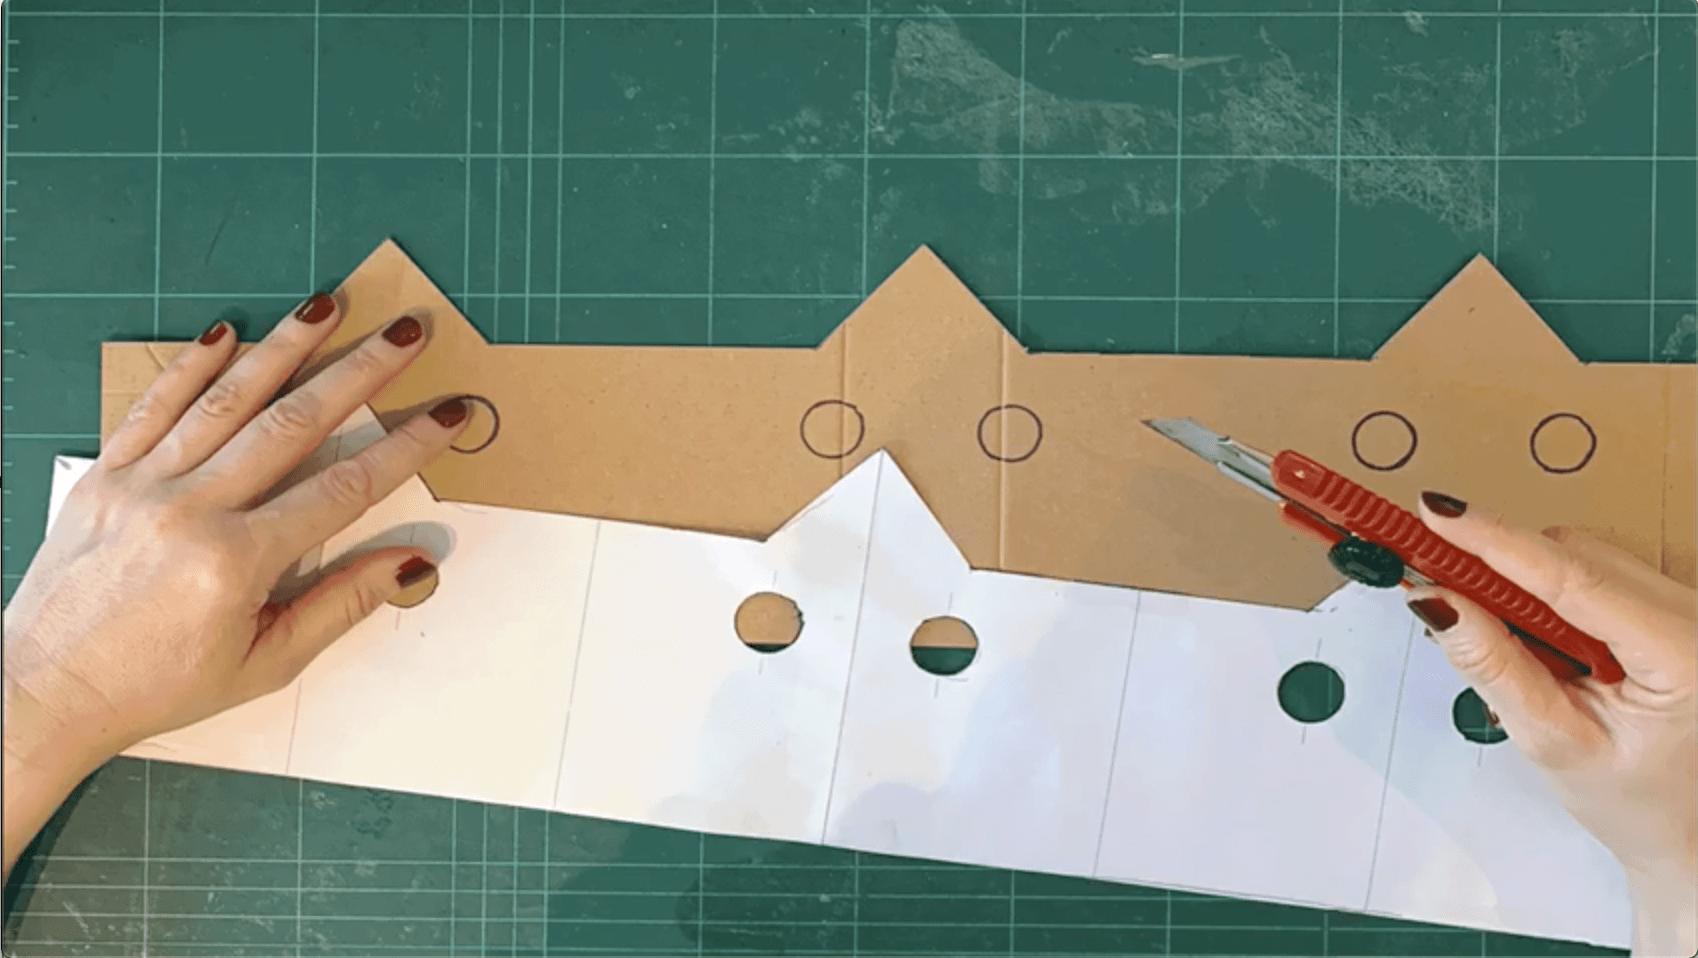 El Protector de manillas DIY que evita contagios que puedes construir gratis 72